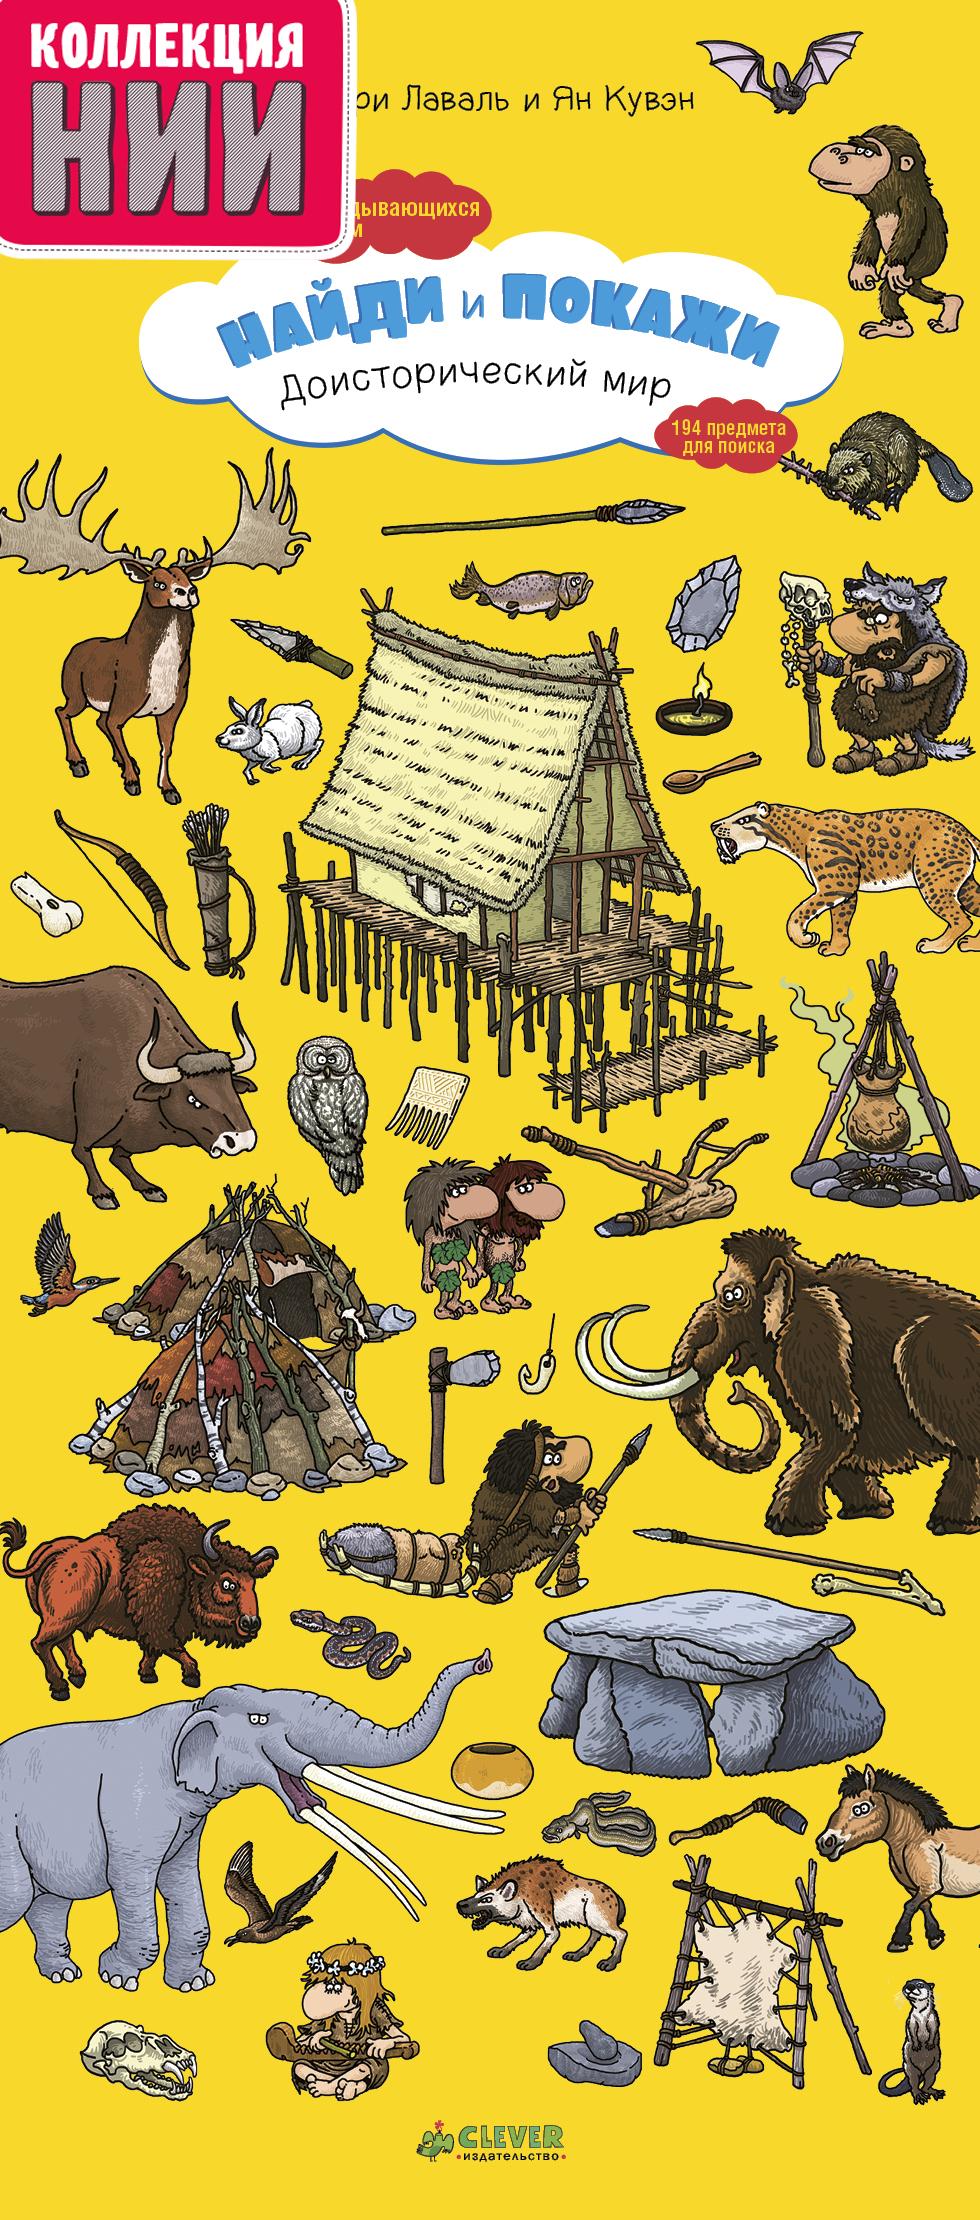 Тьерри Лаваль Доисторический мир. Найди и покажи лаваль тьерри найди и покажи на природе